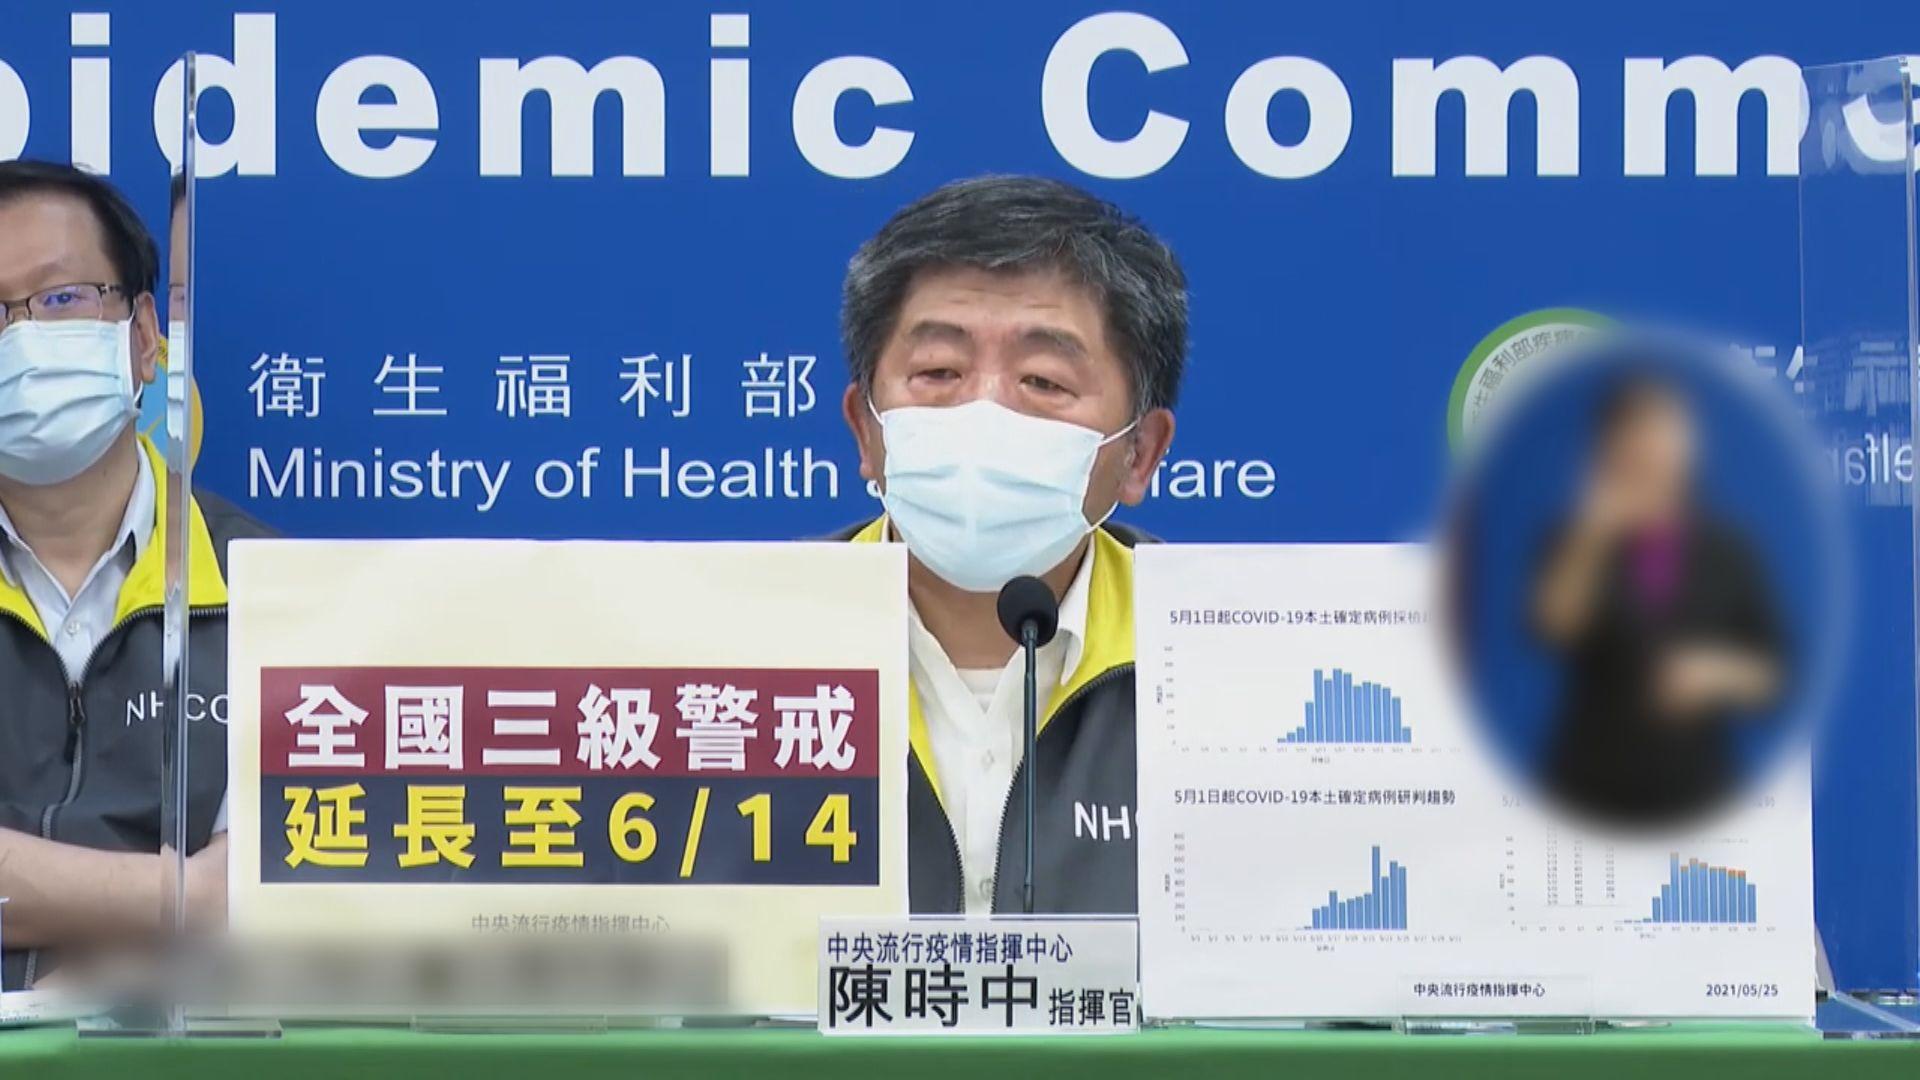 台灣本島各縣市均出現疫情 三級警戒延長至6月14日